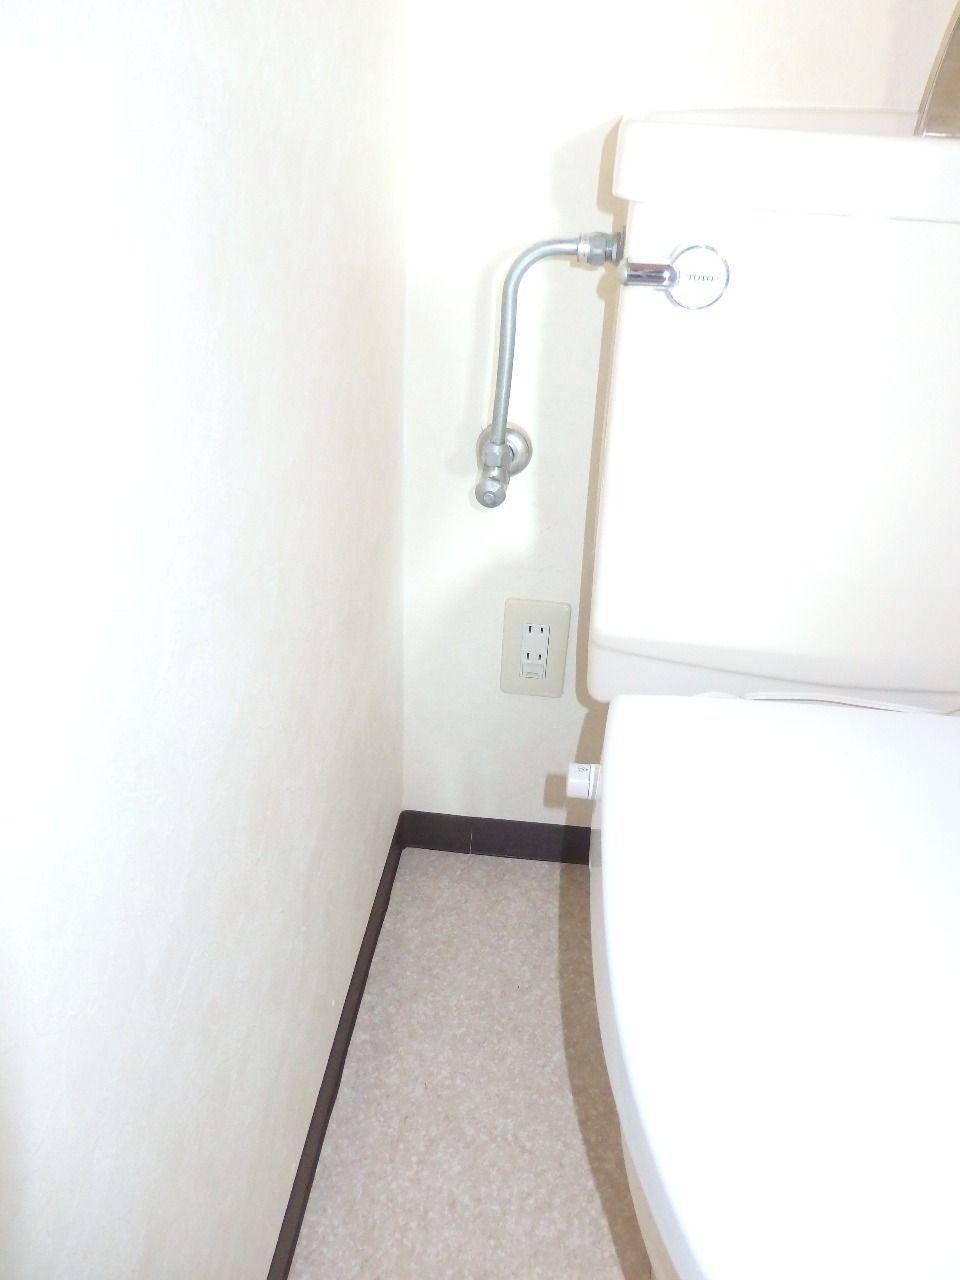 トイレ内コンセント有るのでウォッシュレットも取り付けられます。